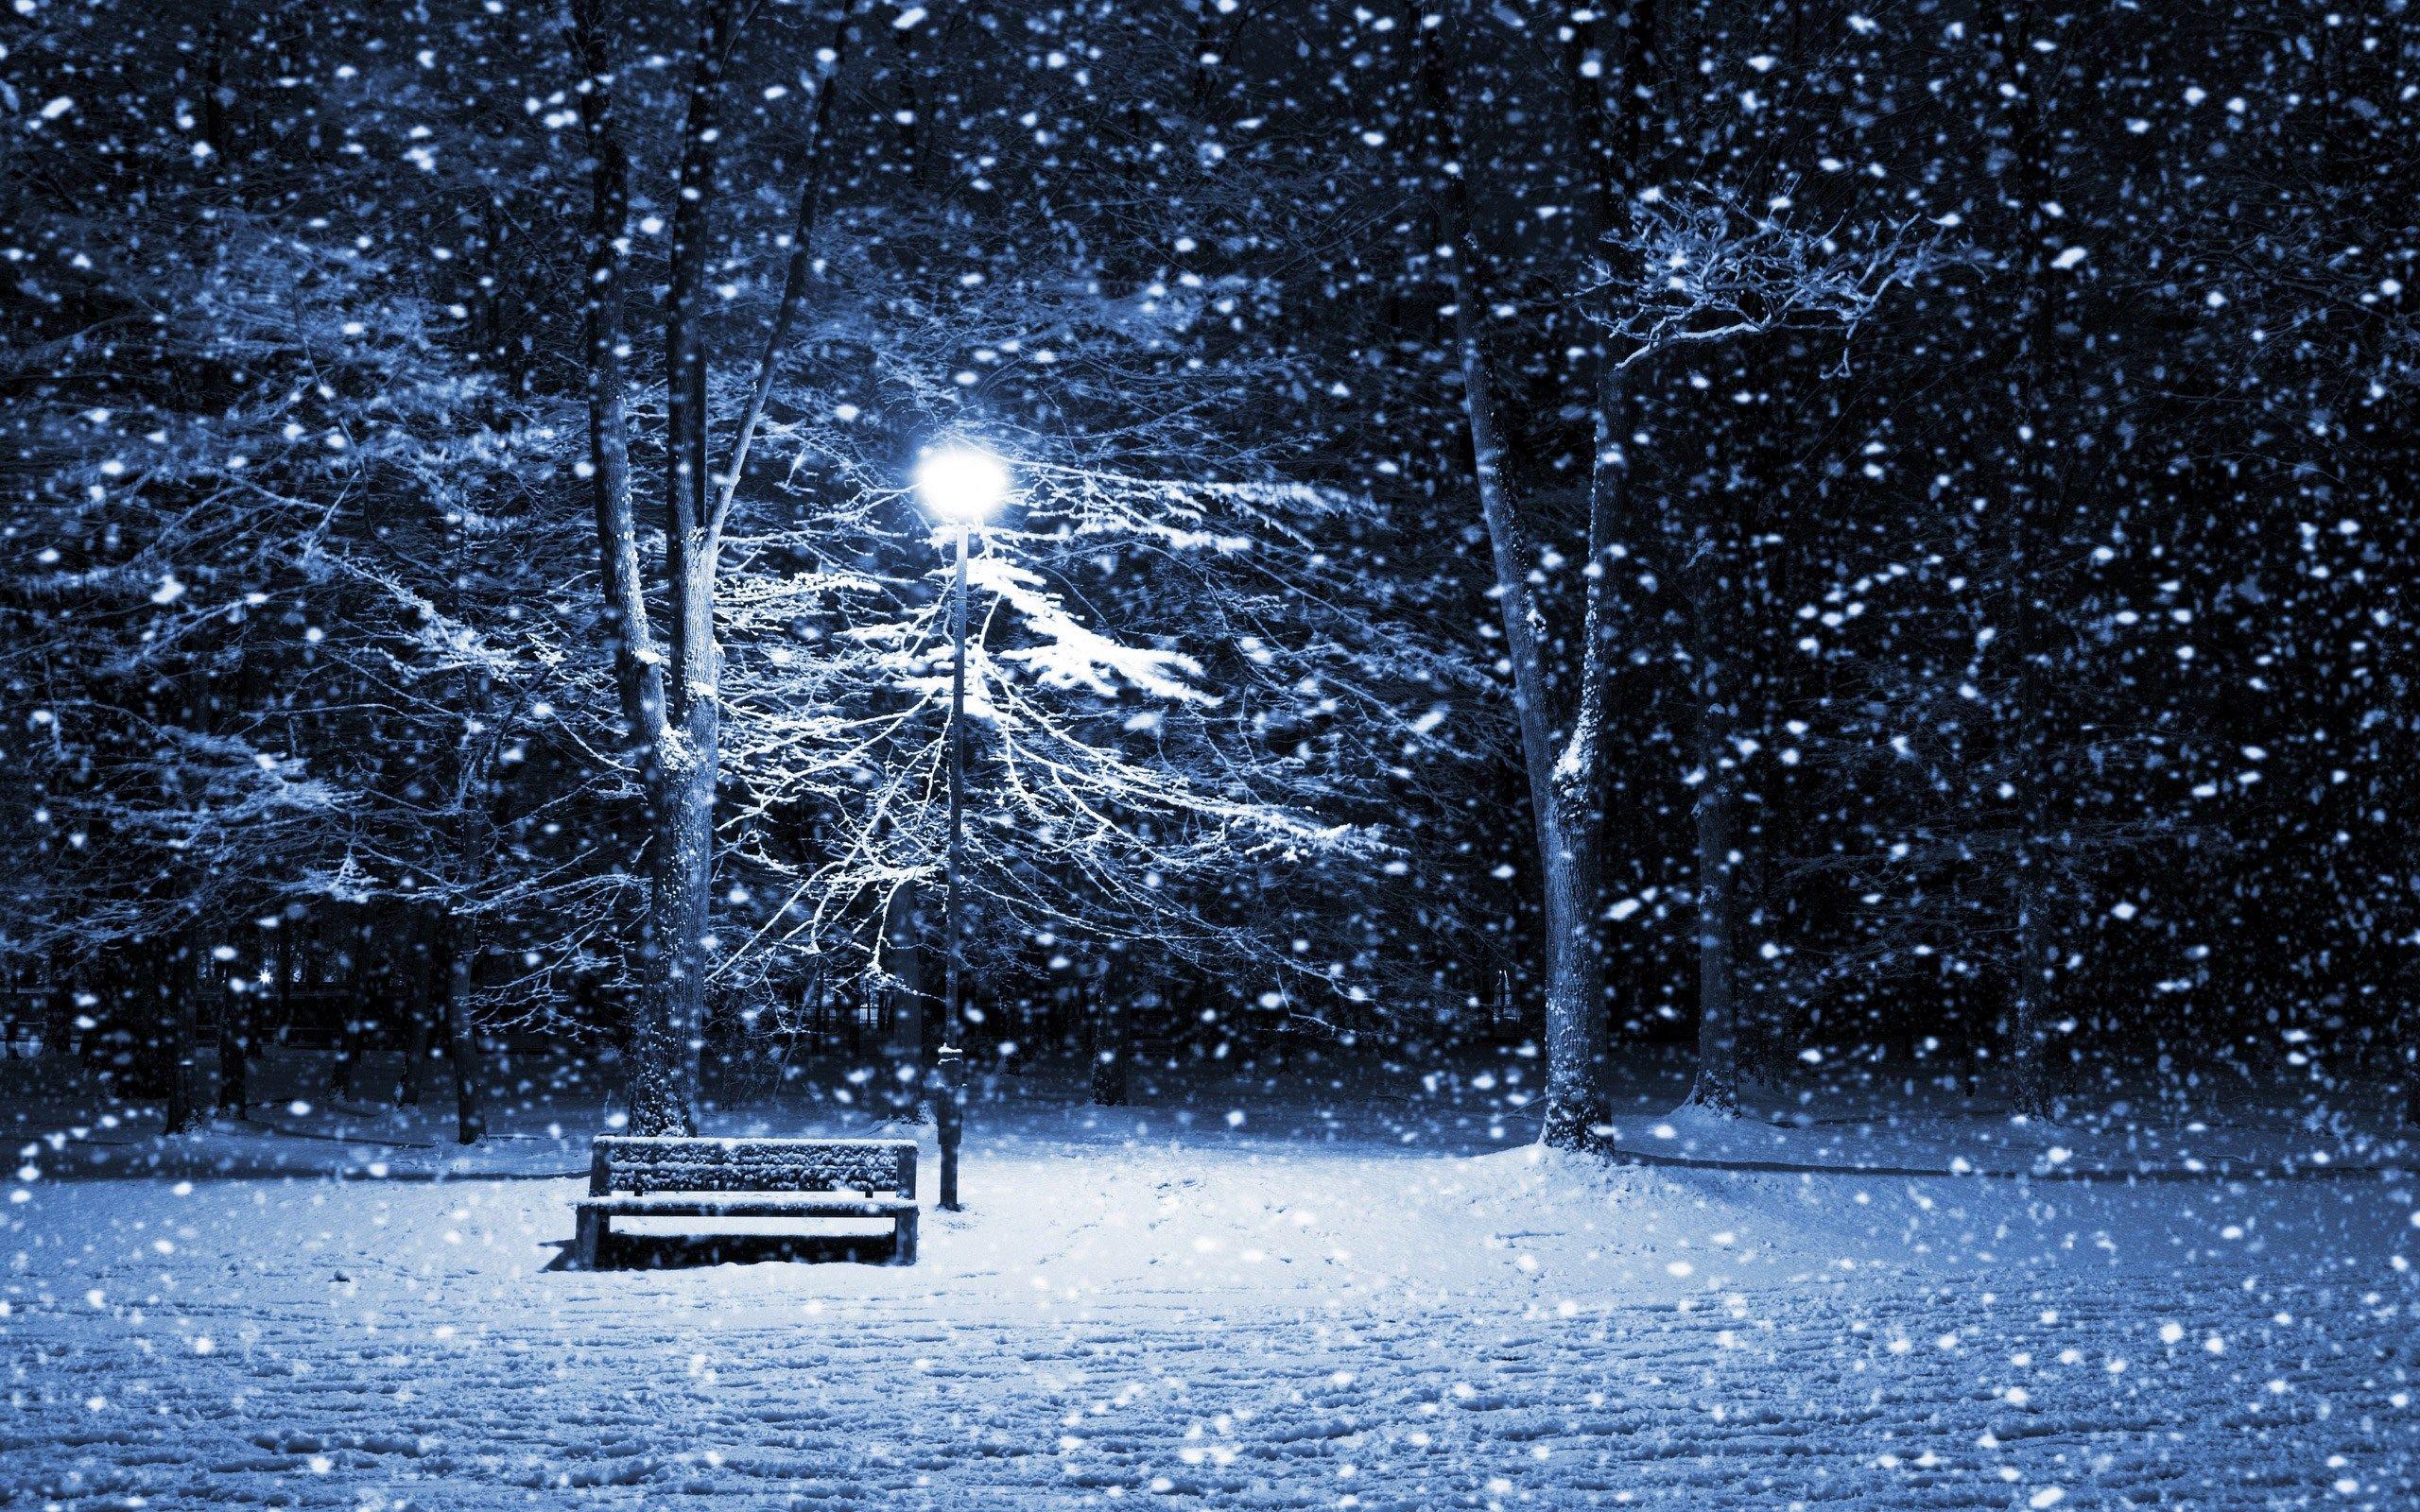 Winter Scenes Wallpaper Free For Desktop Hd